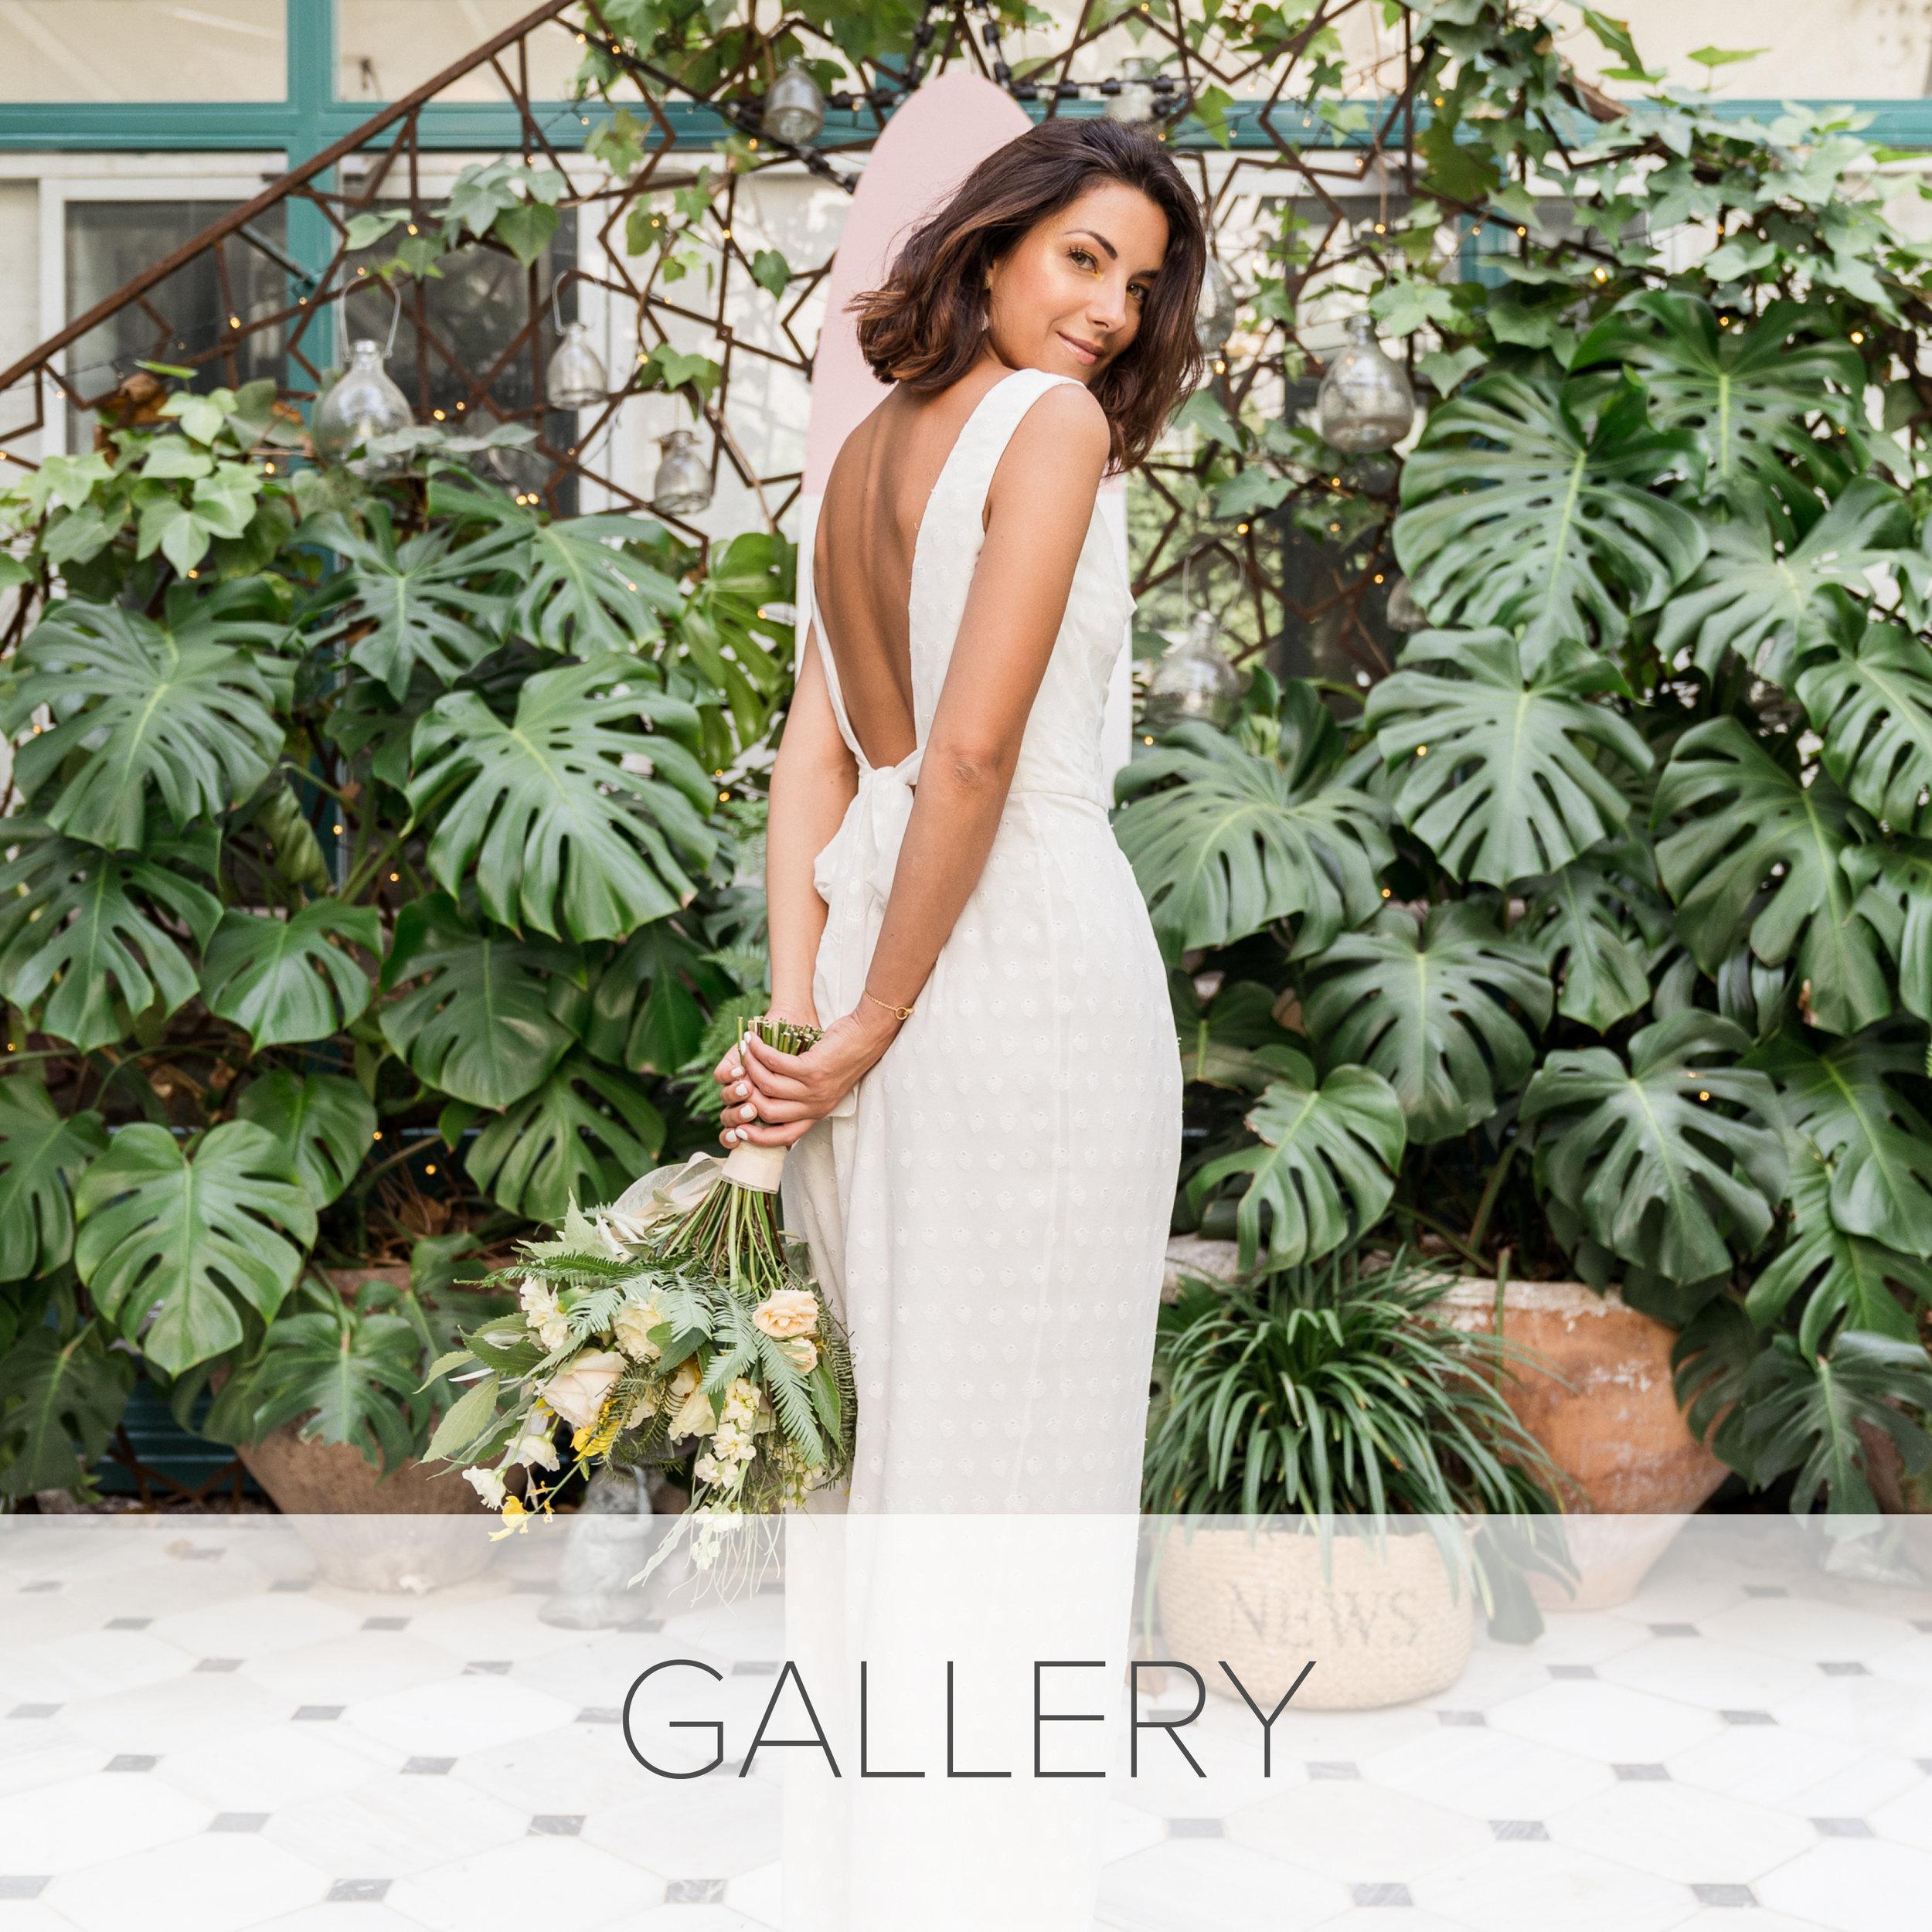 gallery-editorial-wedding-susanne_wysocki.jpg